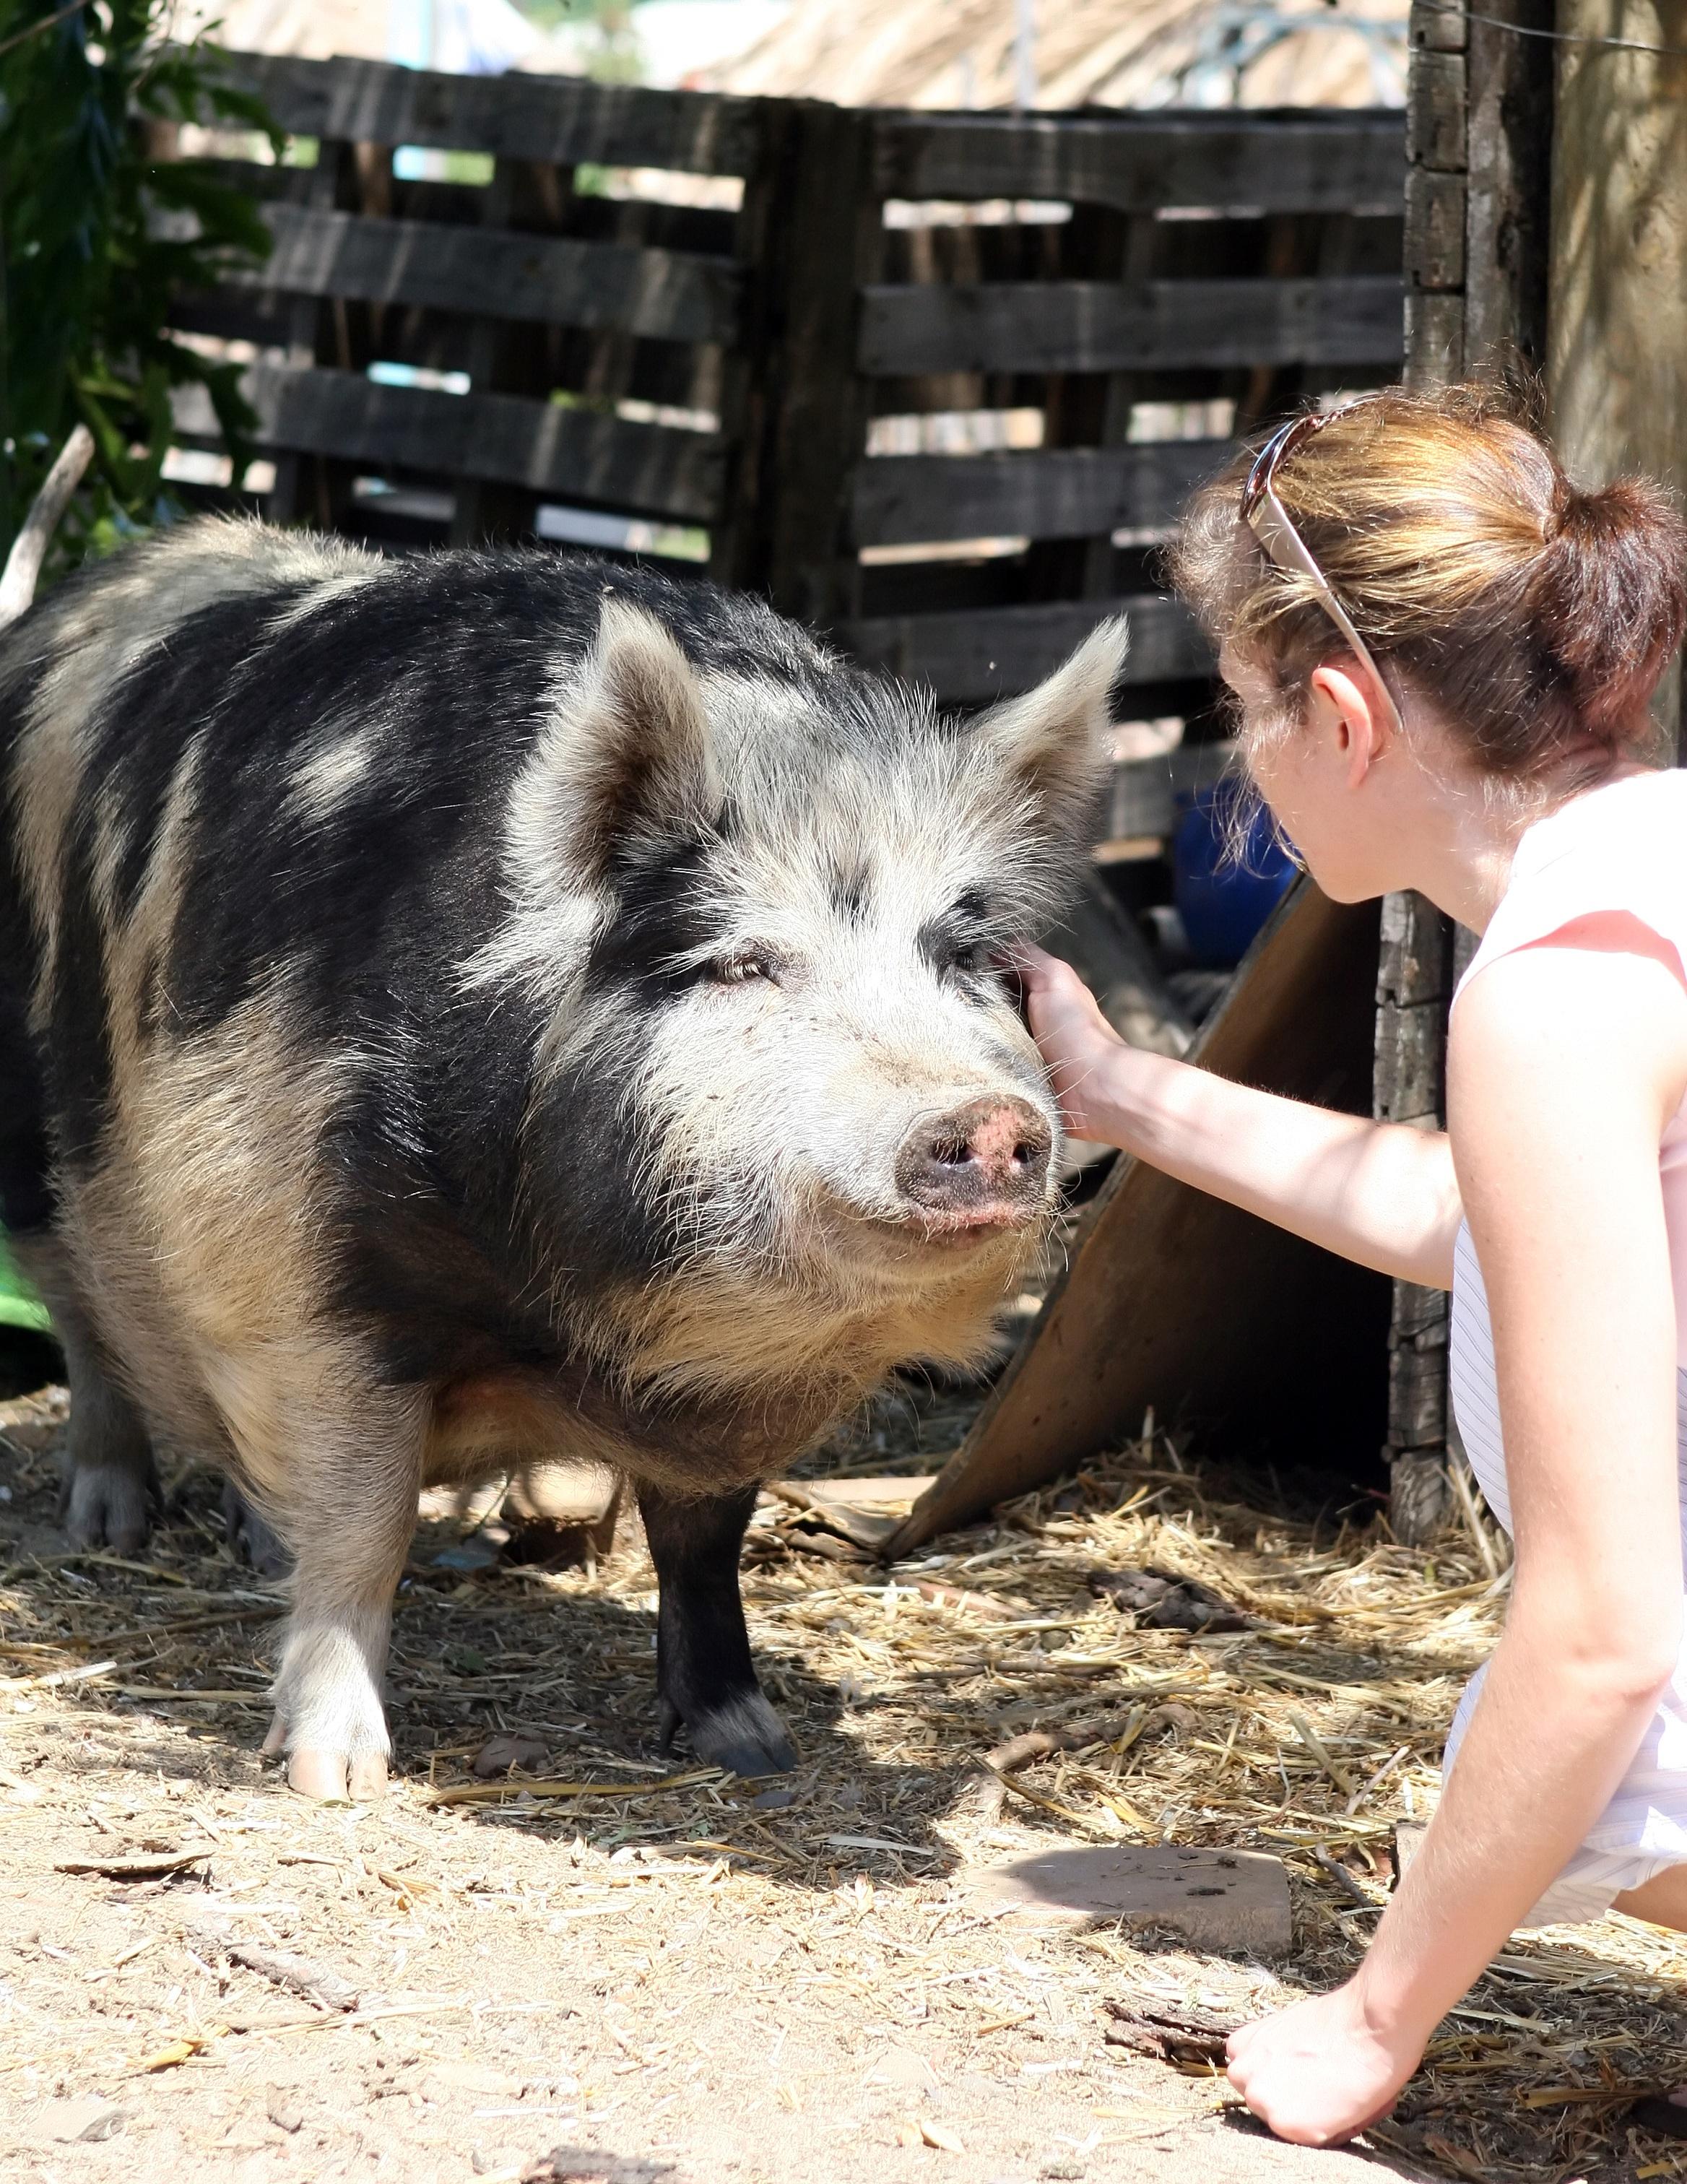 In the Farm, Pig, Wild, Love, Farm, HQ Photo